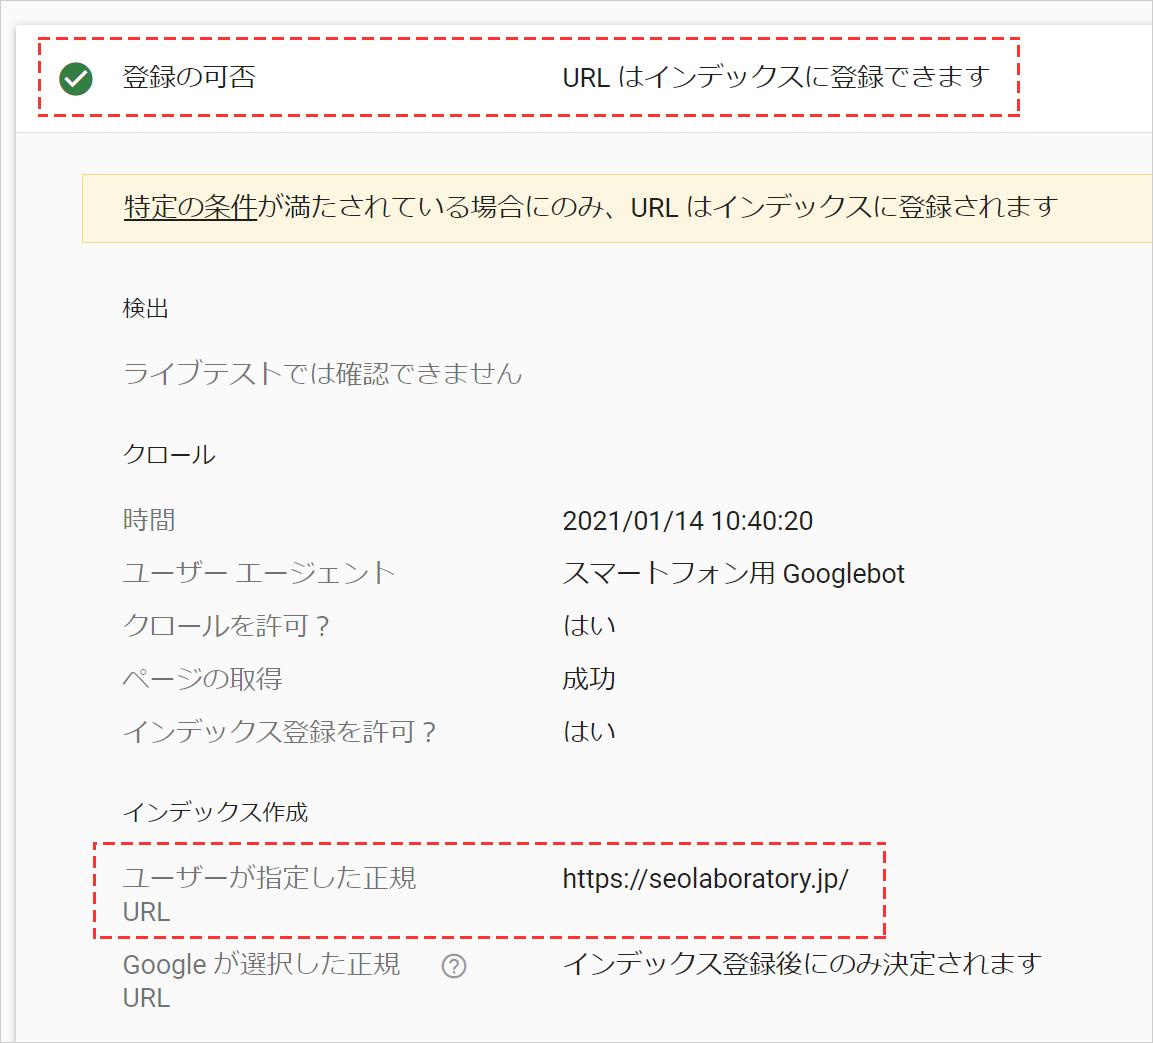 サーチコンソールのURL検査ツール「登録の可否 URL はインデックスに登録できます」からcanonicalタグの動作を確認する